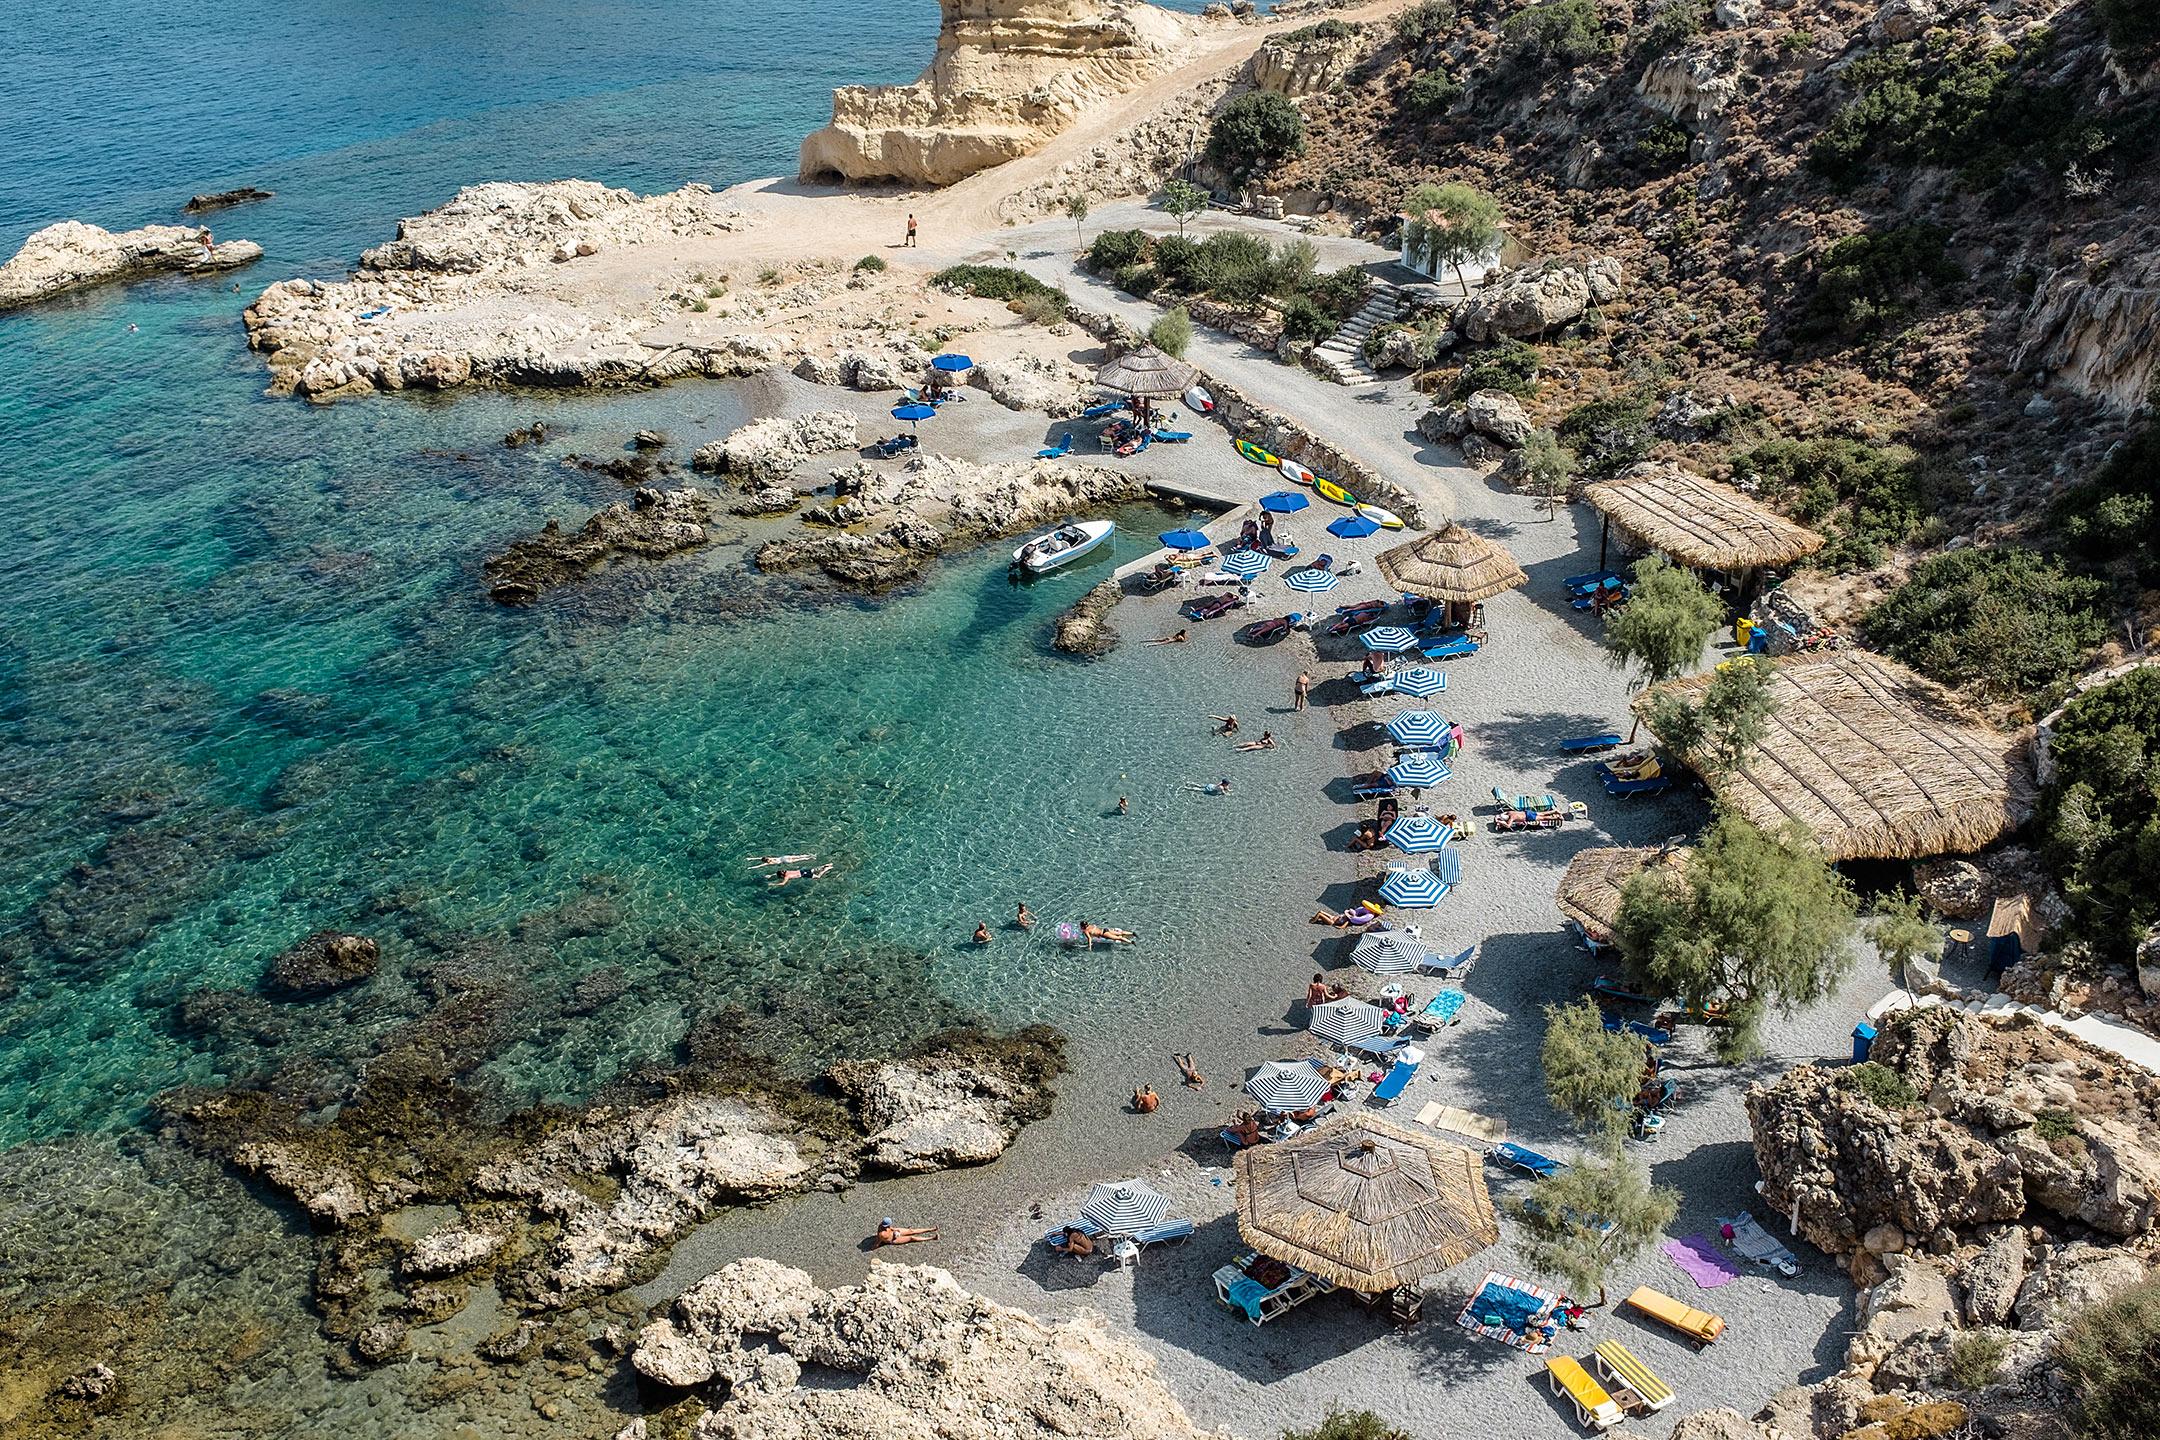 Grande Blue Bucht Rhodos Stegna Geheimtipp Griechenland Travel Blog Sunnyinga